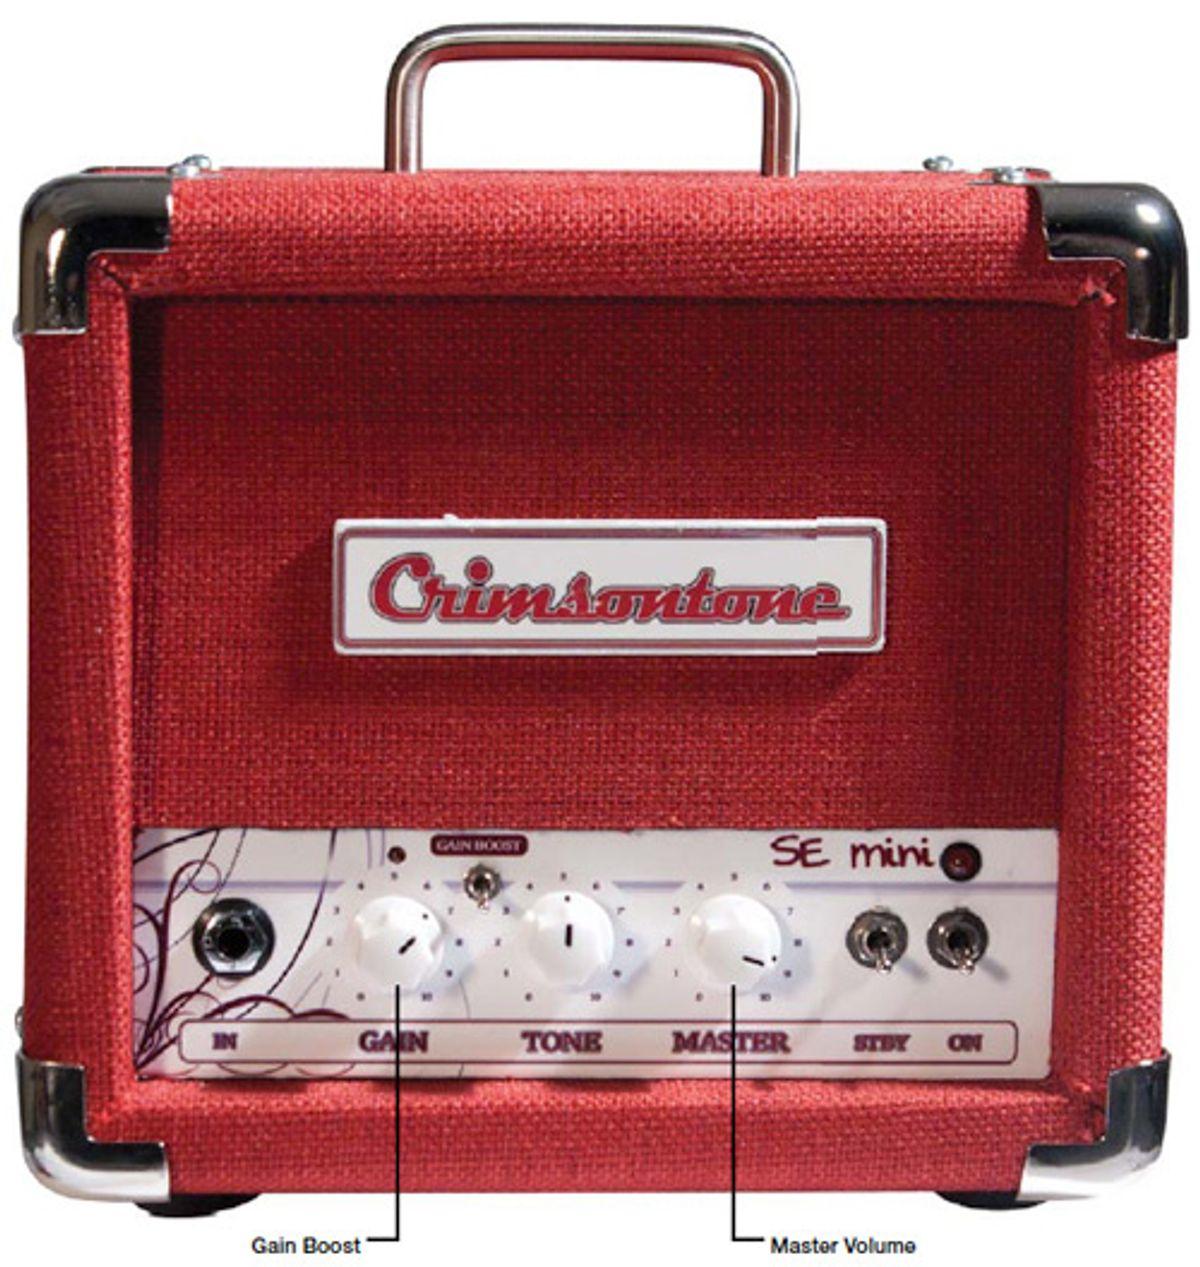 Crimsontone SE Mini Amp Review